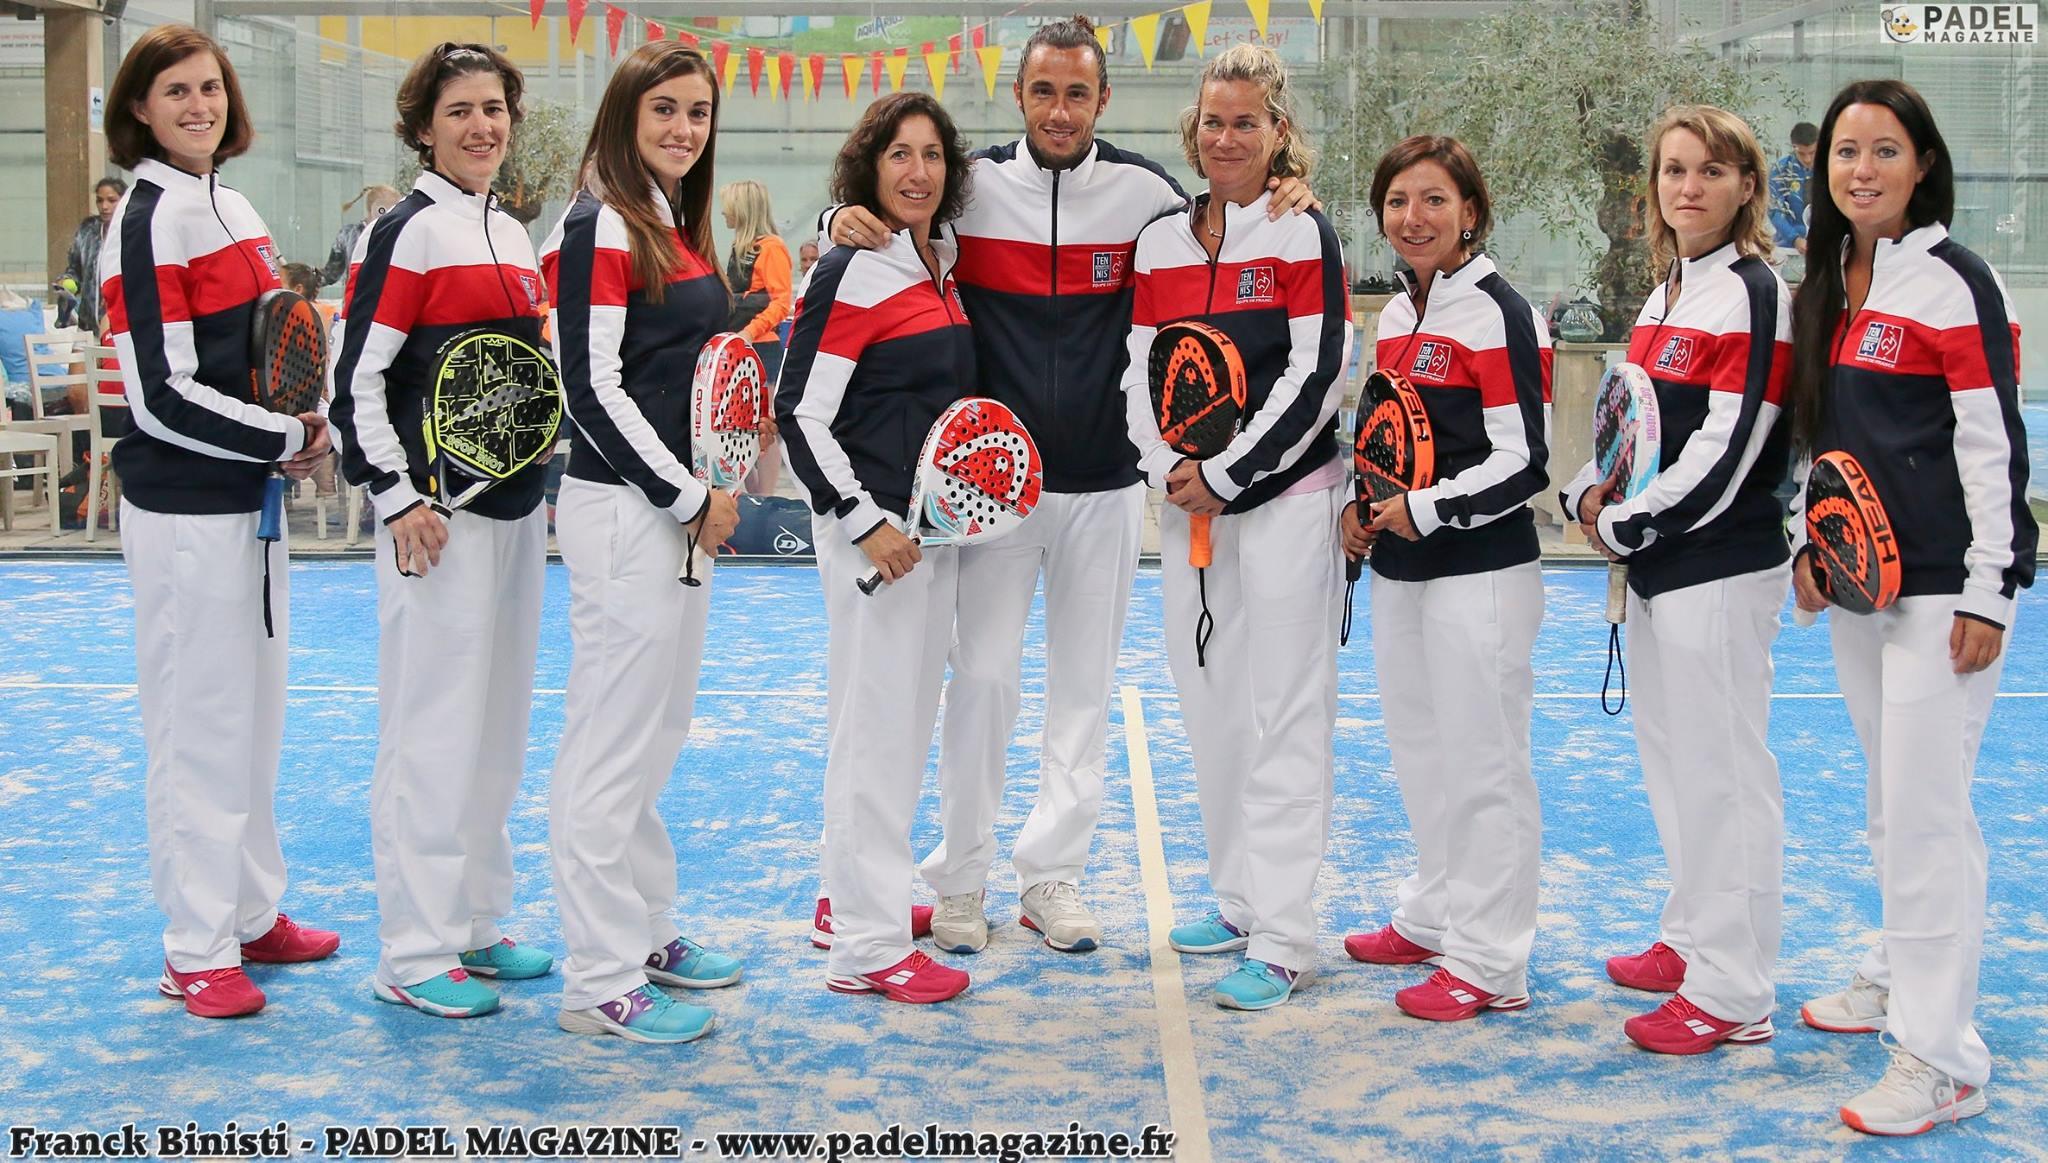 Résultats des qualifications des championnats du monde de padel par équipe dames 2016